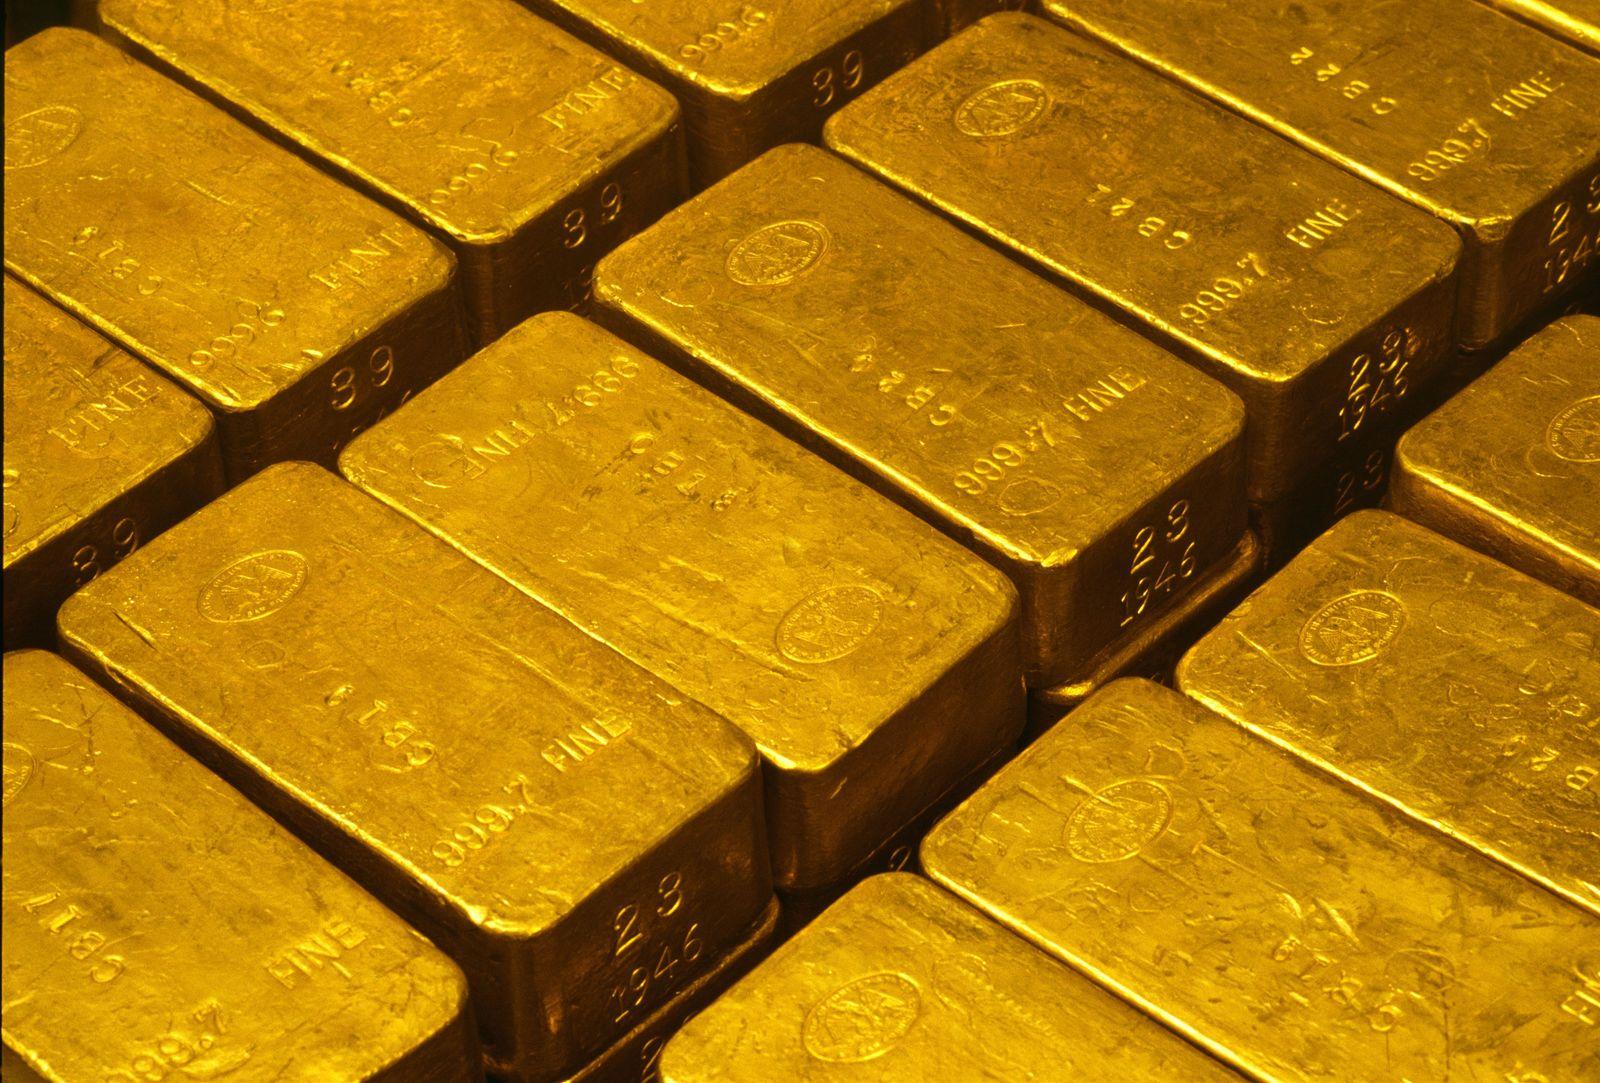 NICHT MEHR VERWENDEN! - Gold / Goldbarren / Edelmetall / Goldpreis